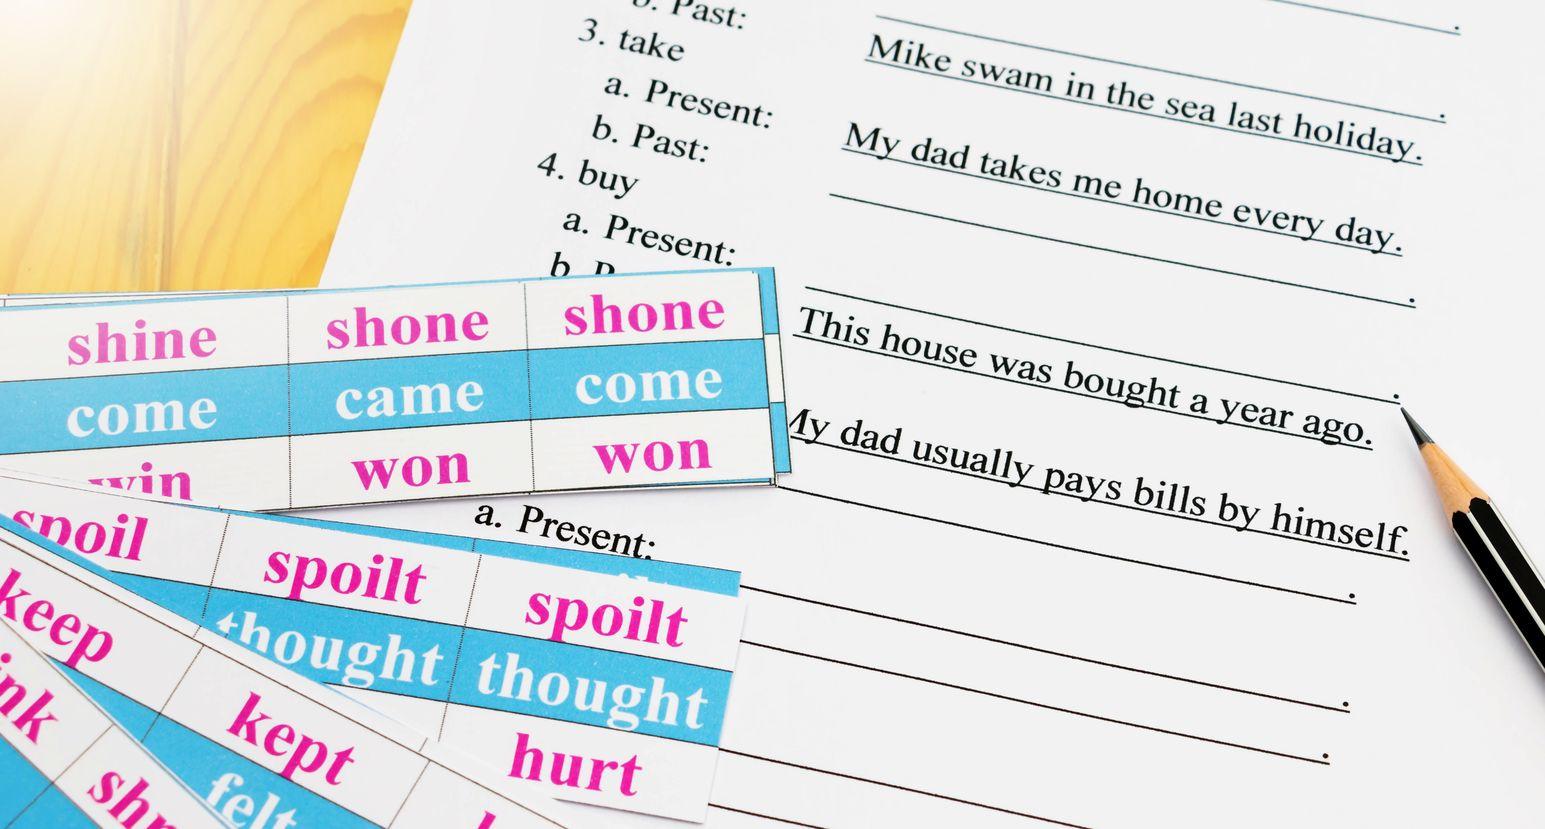 Hiện tại phân từ và quá khứ phân từ - điểm mới trong chương trình cấu trúc ngữ pháp tiếng Anh lớp 8